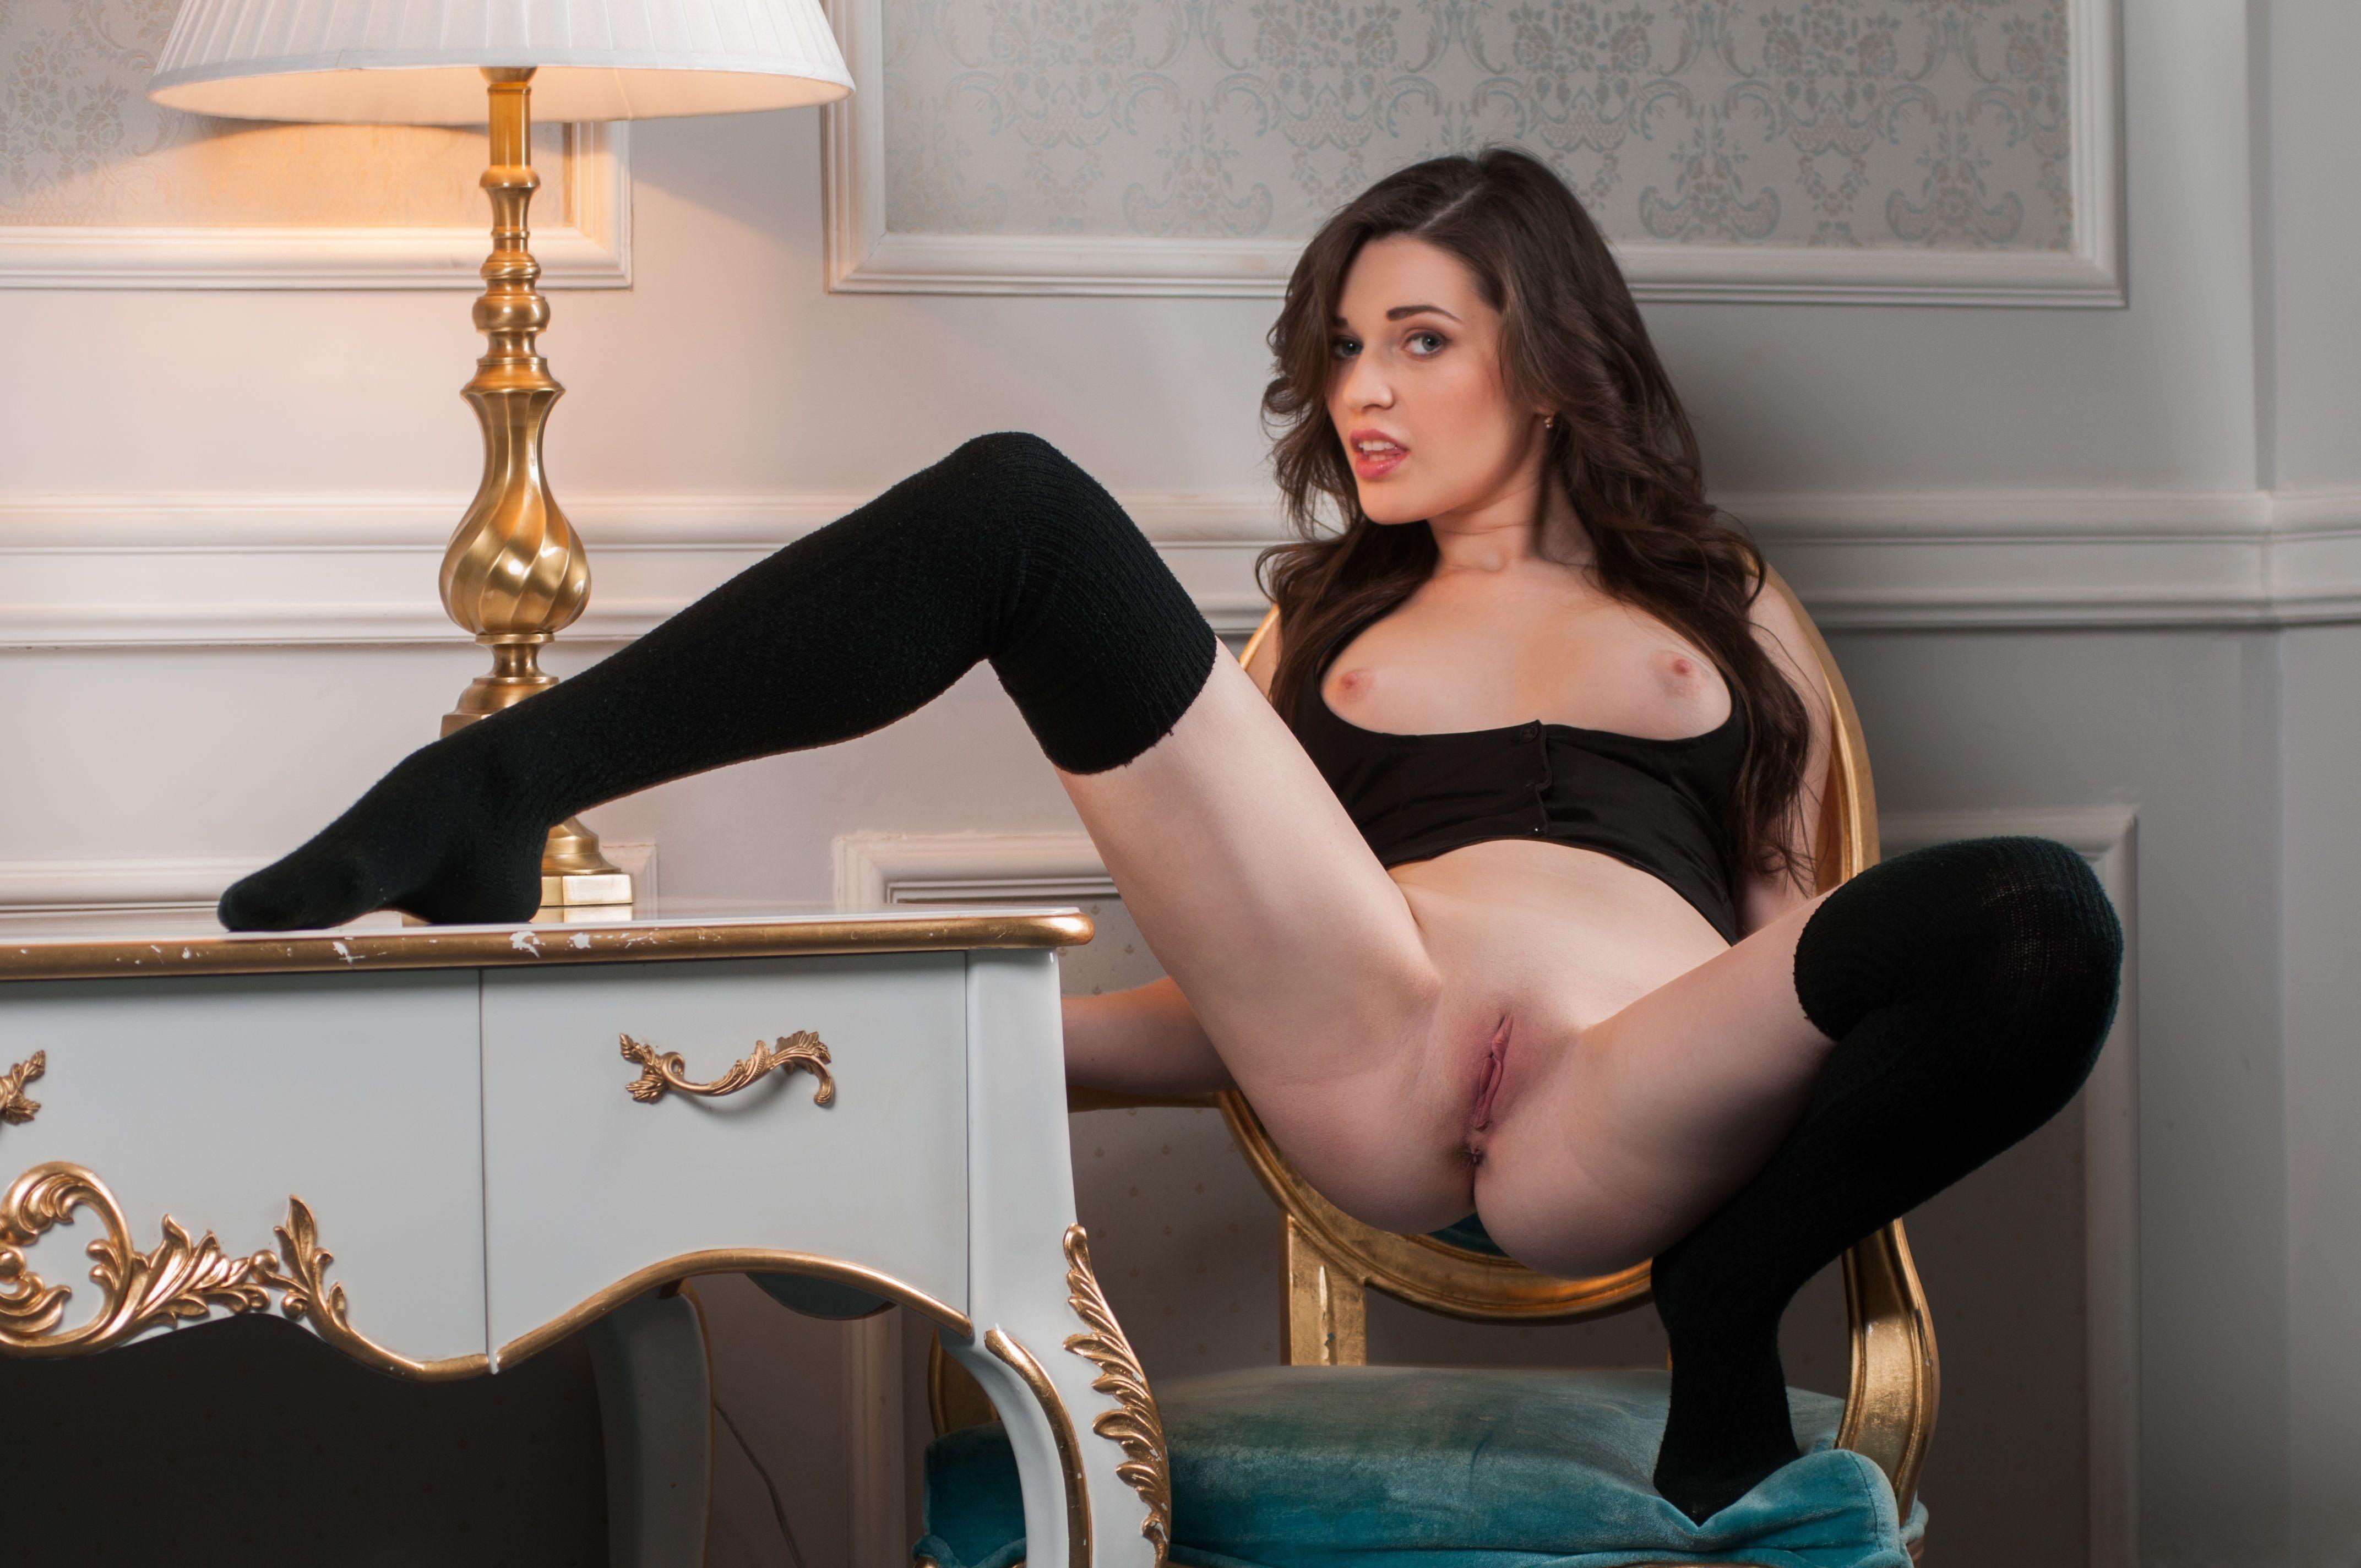 Фото Девушка в черных гольфах сексуально извивается на стуле без трусиков, брюнетка, бритая розовая пизда, сексуальные ножки, скачать картинку бесплатно